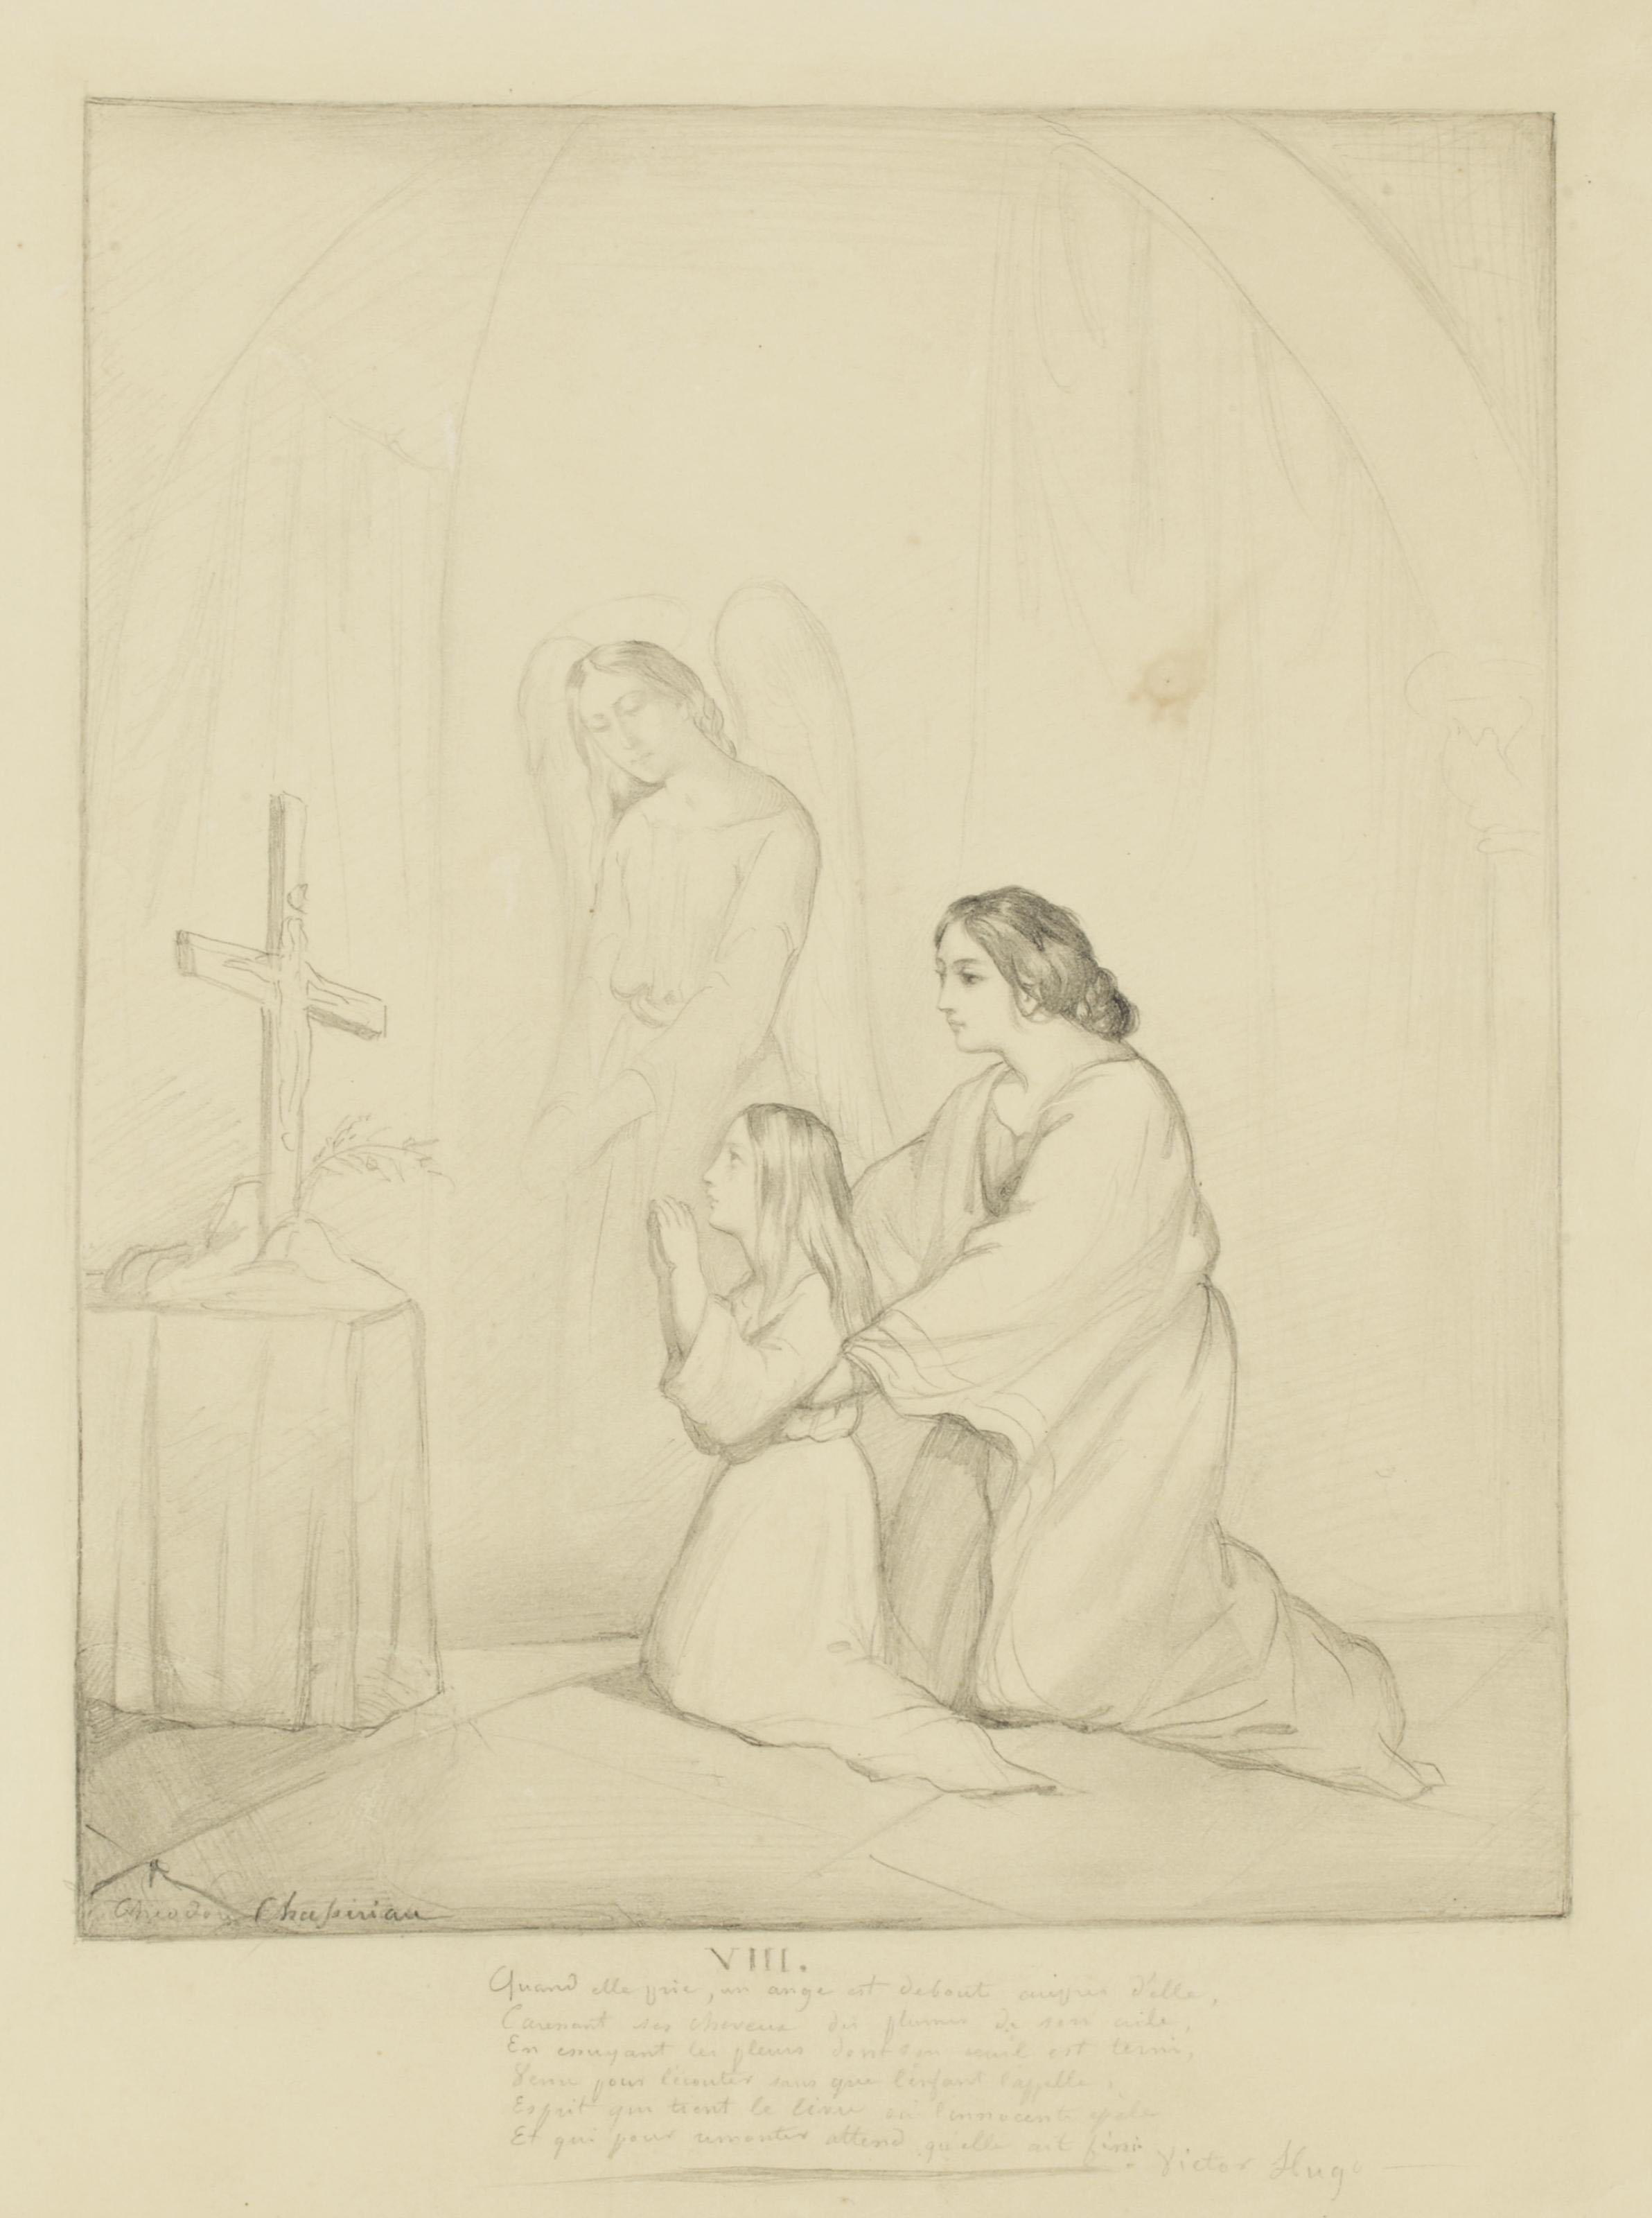 Femme et fillette, accompagnées d'un ange, en prière devant un crucifix